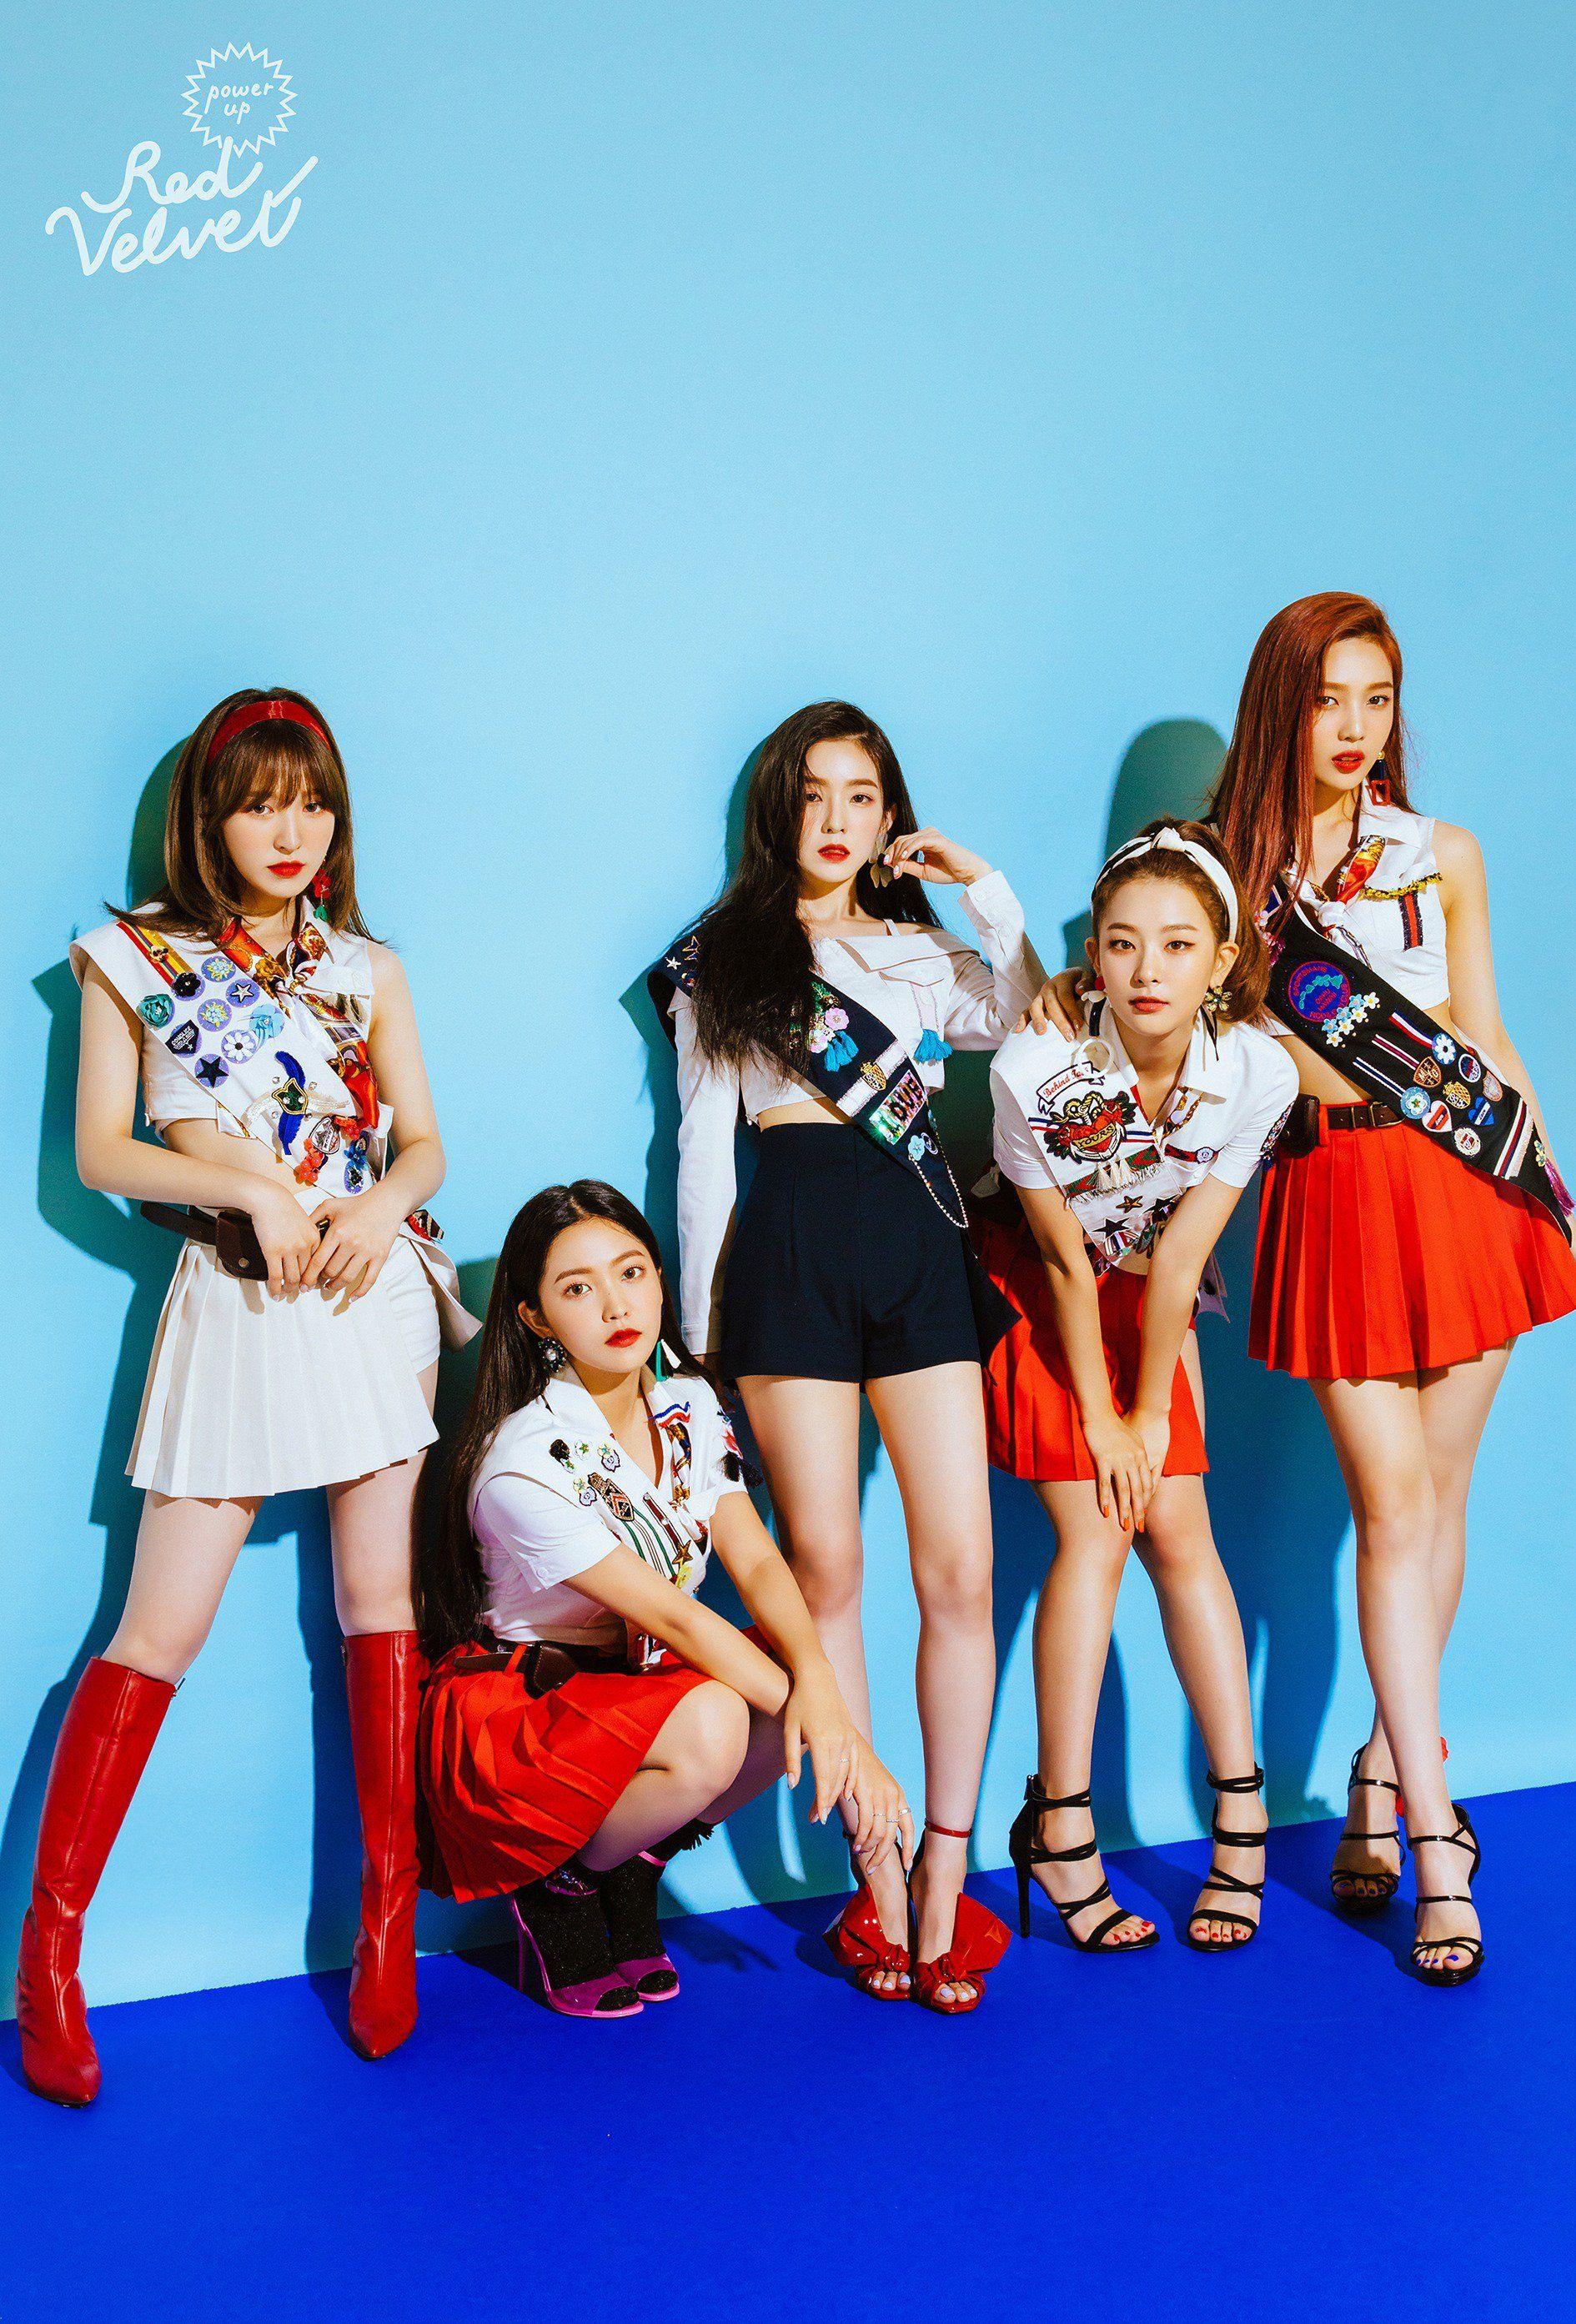 Red Velvet Summer Magic Teaser Photo Redvelvet Summermagic